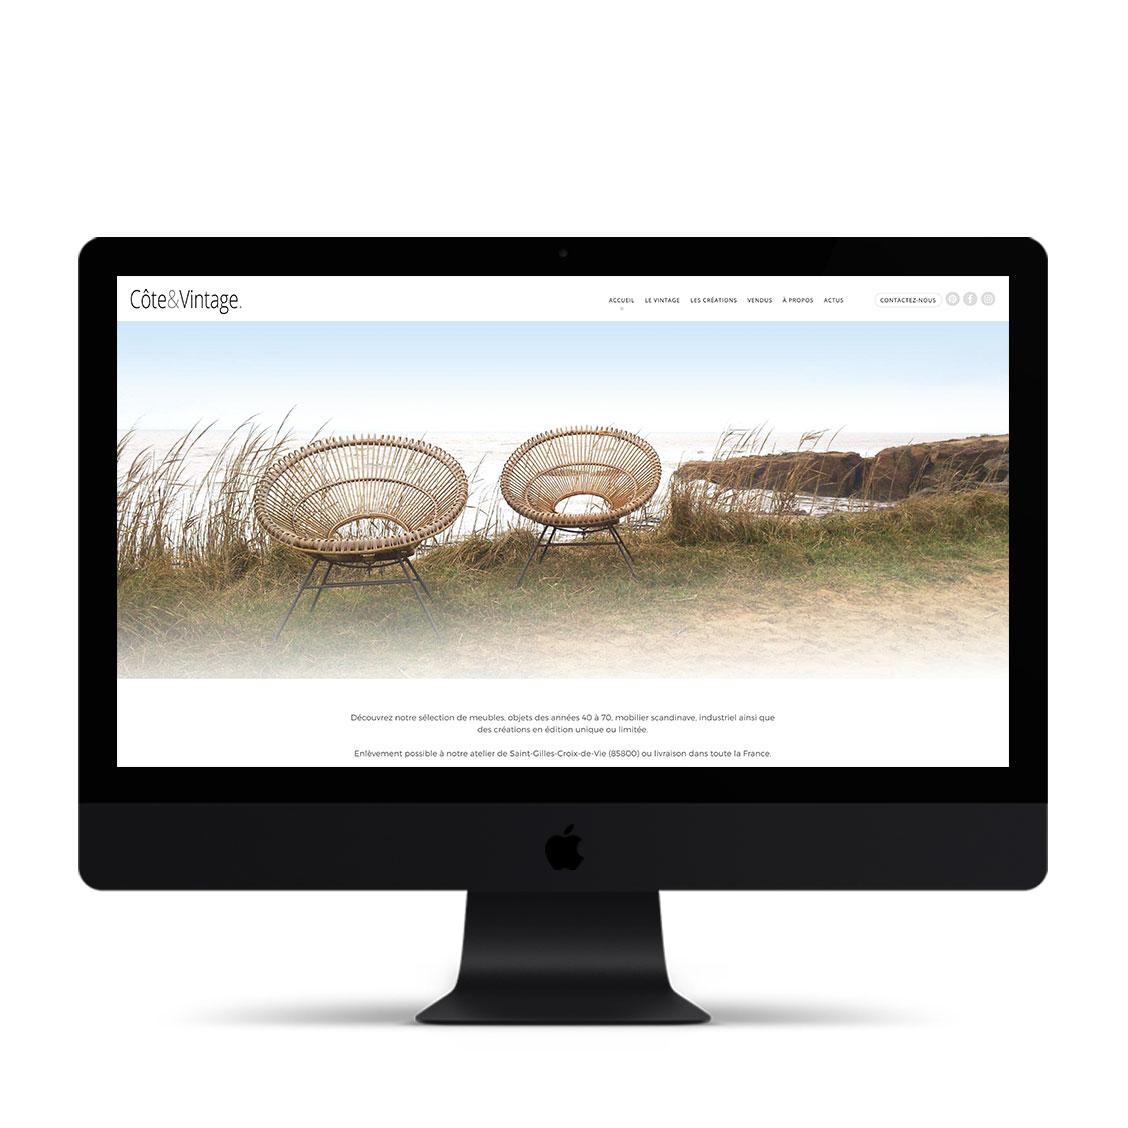 cote-et-vintage-site-web-graffocean-1